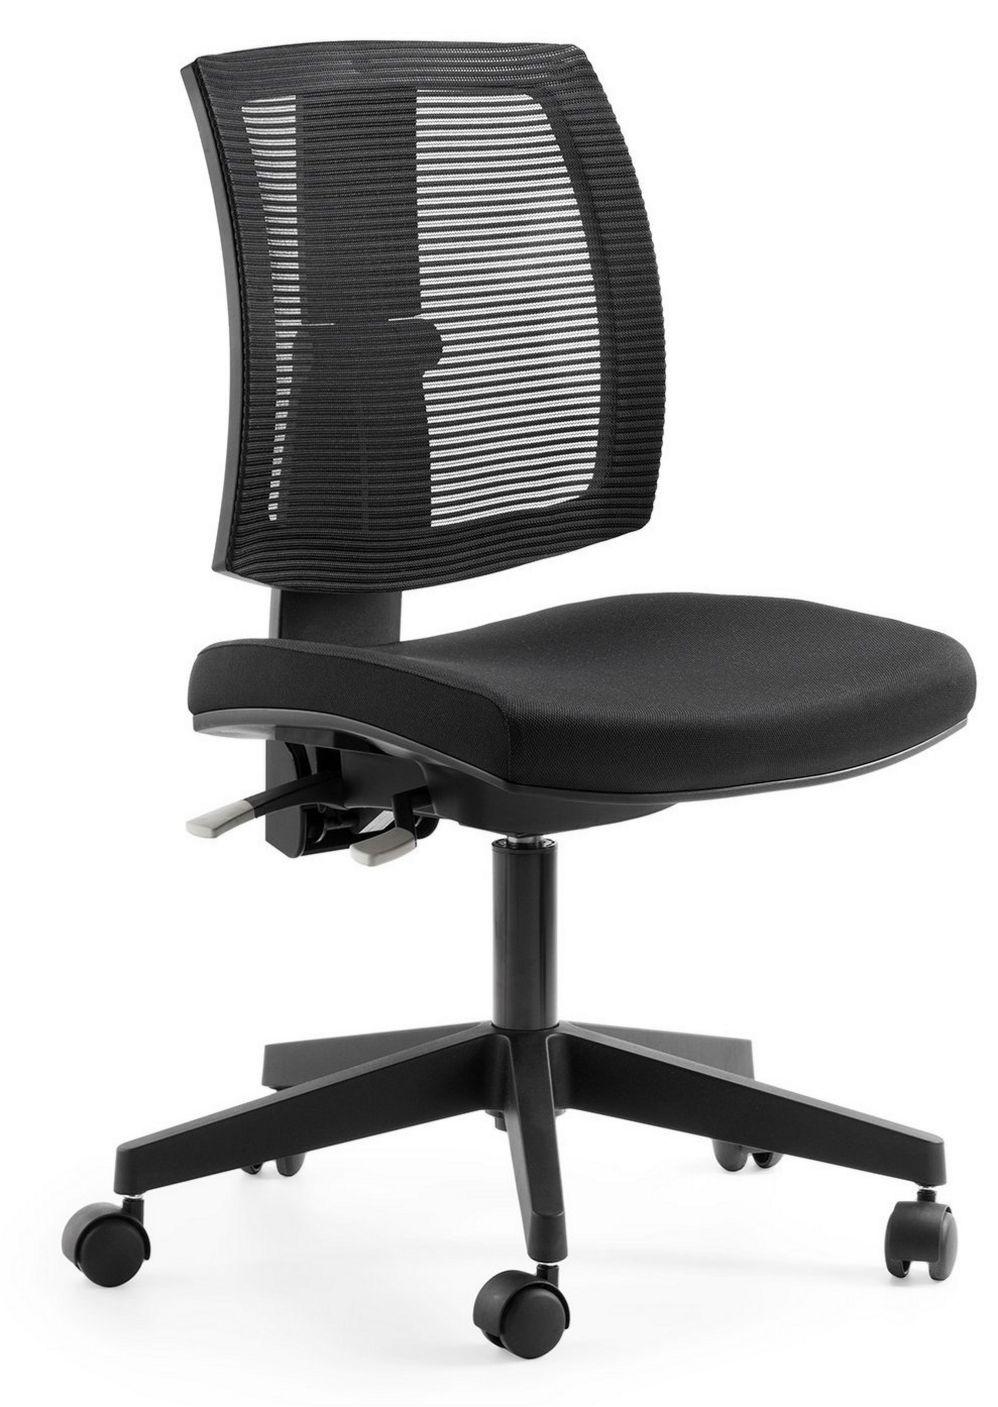 Frauen-Schreibtischstuhl Frauen-Schreibtischstuhl Rückenlehne mit Netzbezug